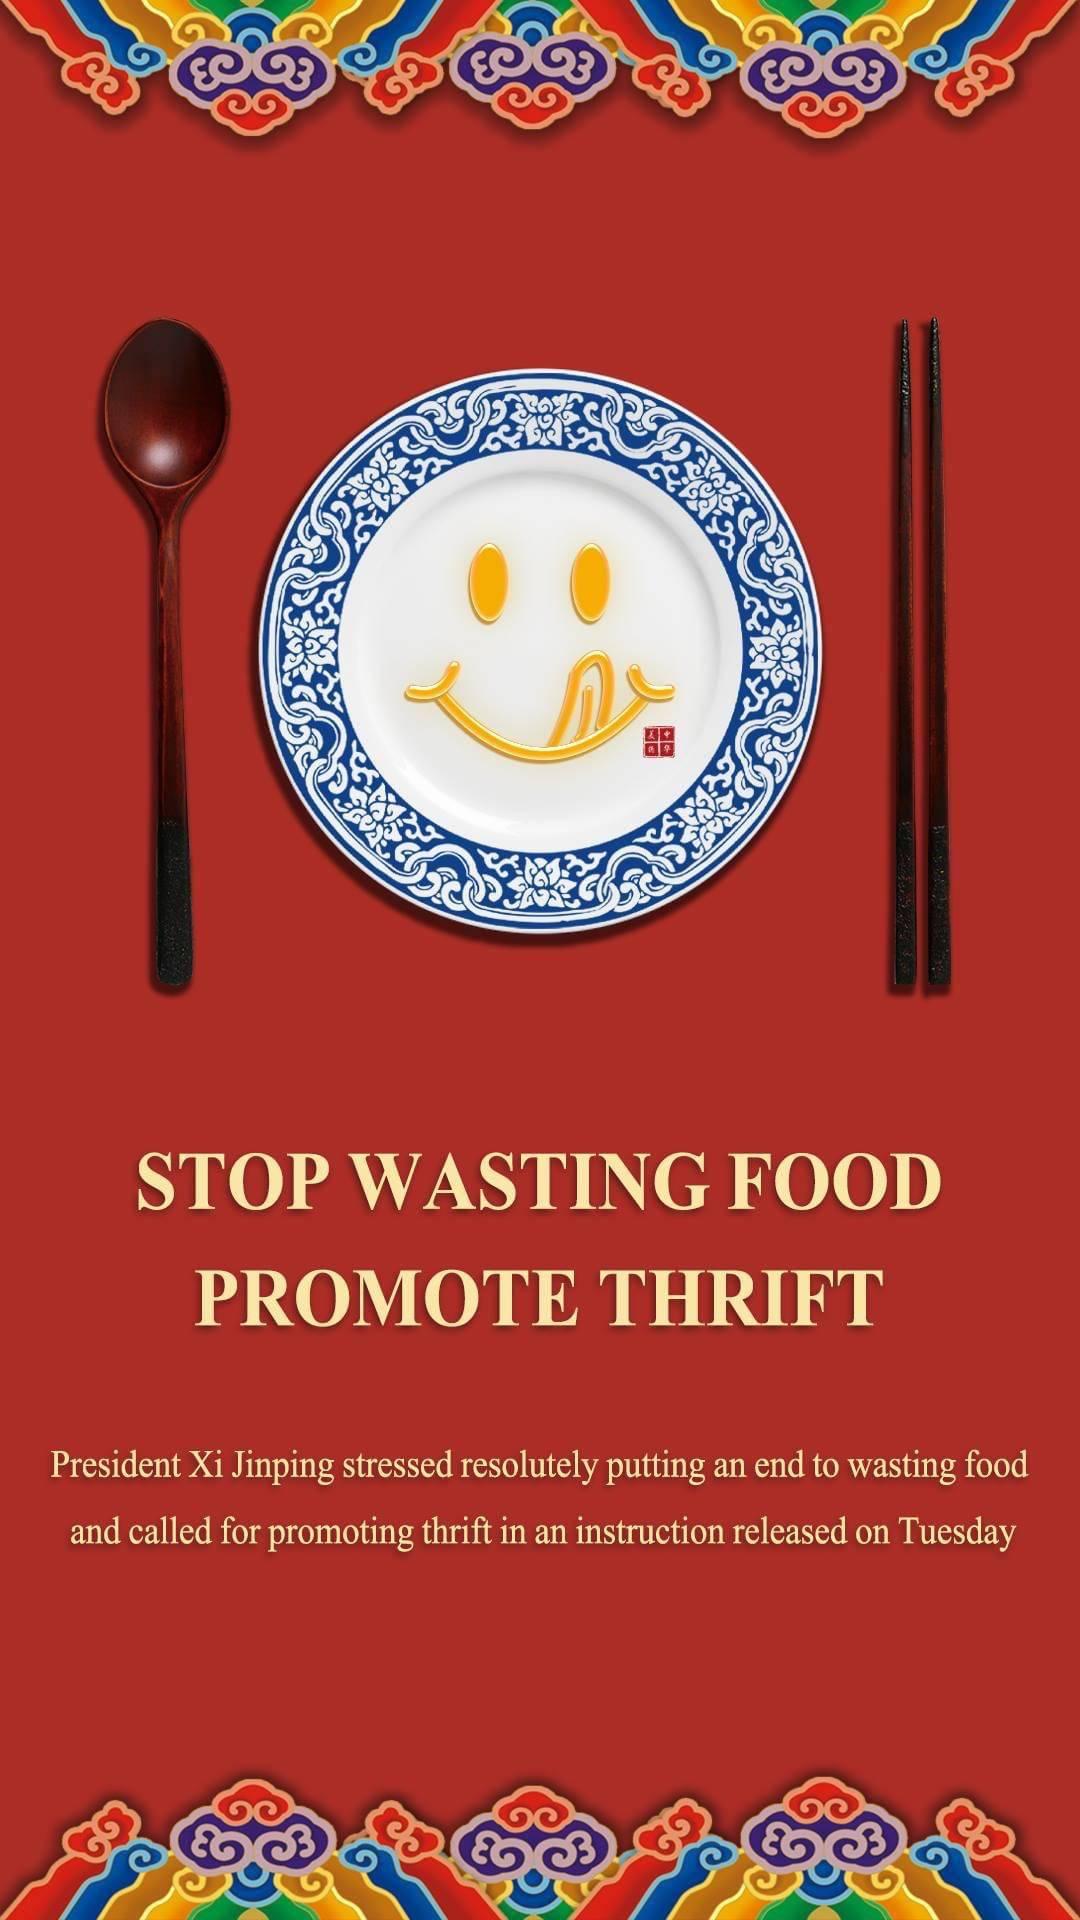 Campanha Oficial contra o desperdício de comida.